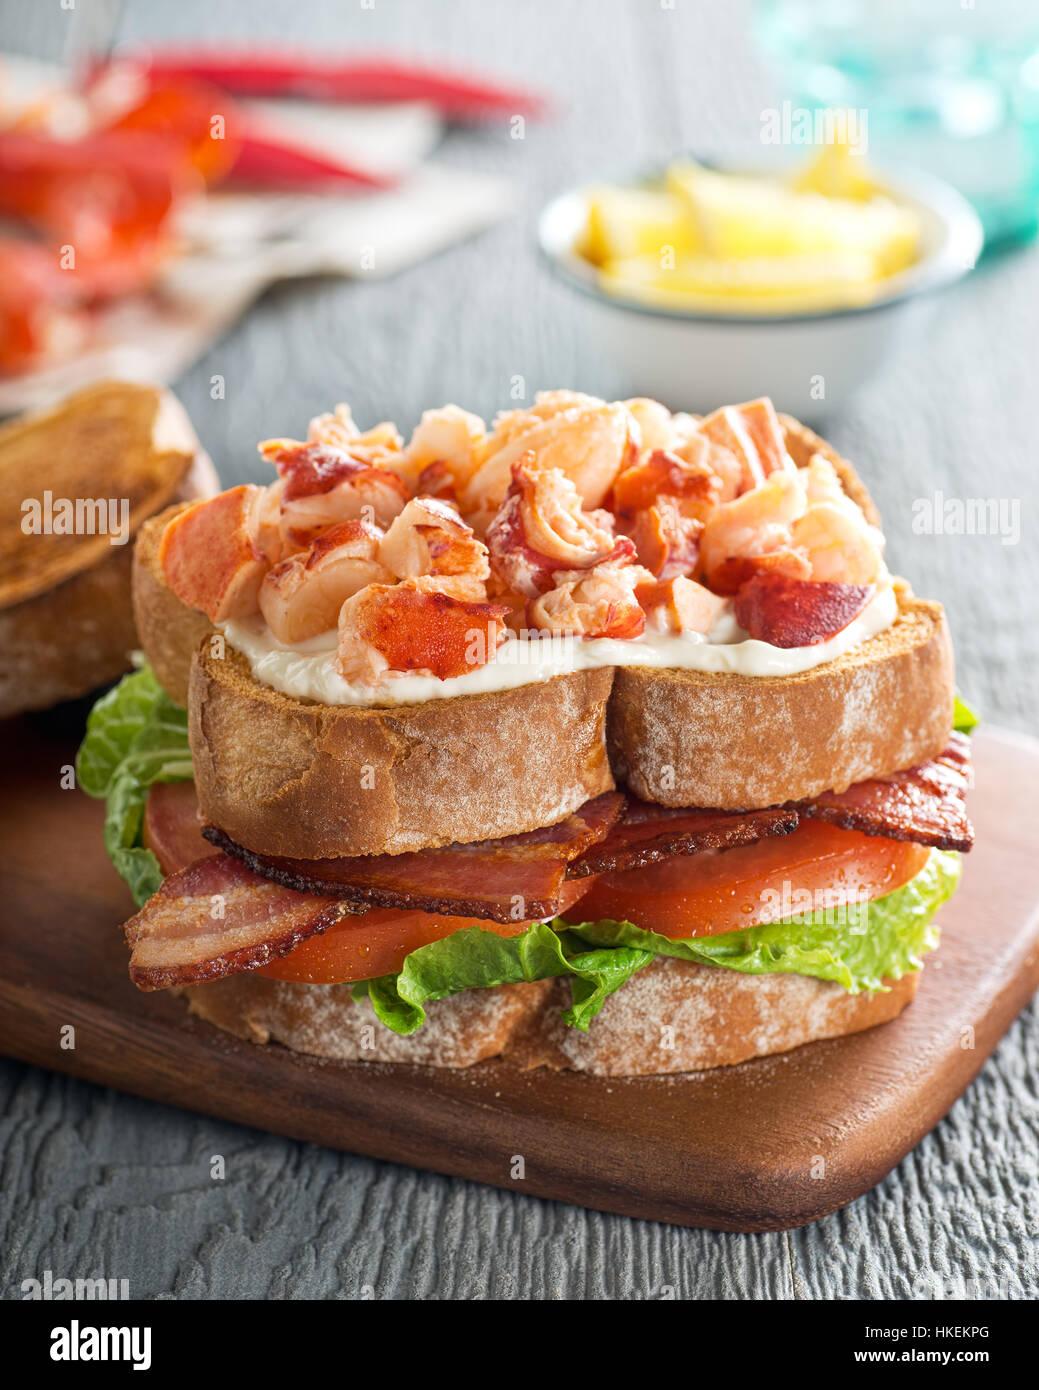 Un délicieux club sandwich au homard avec bacon, laitue, tomate, et de la mayonnaise sur le pain grillé. Photo Stock